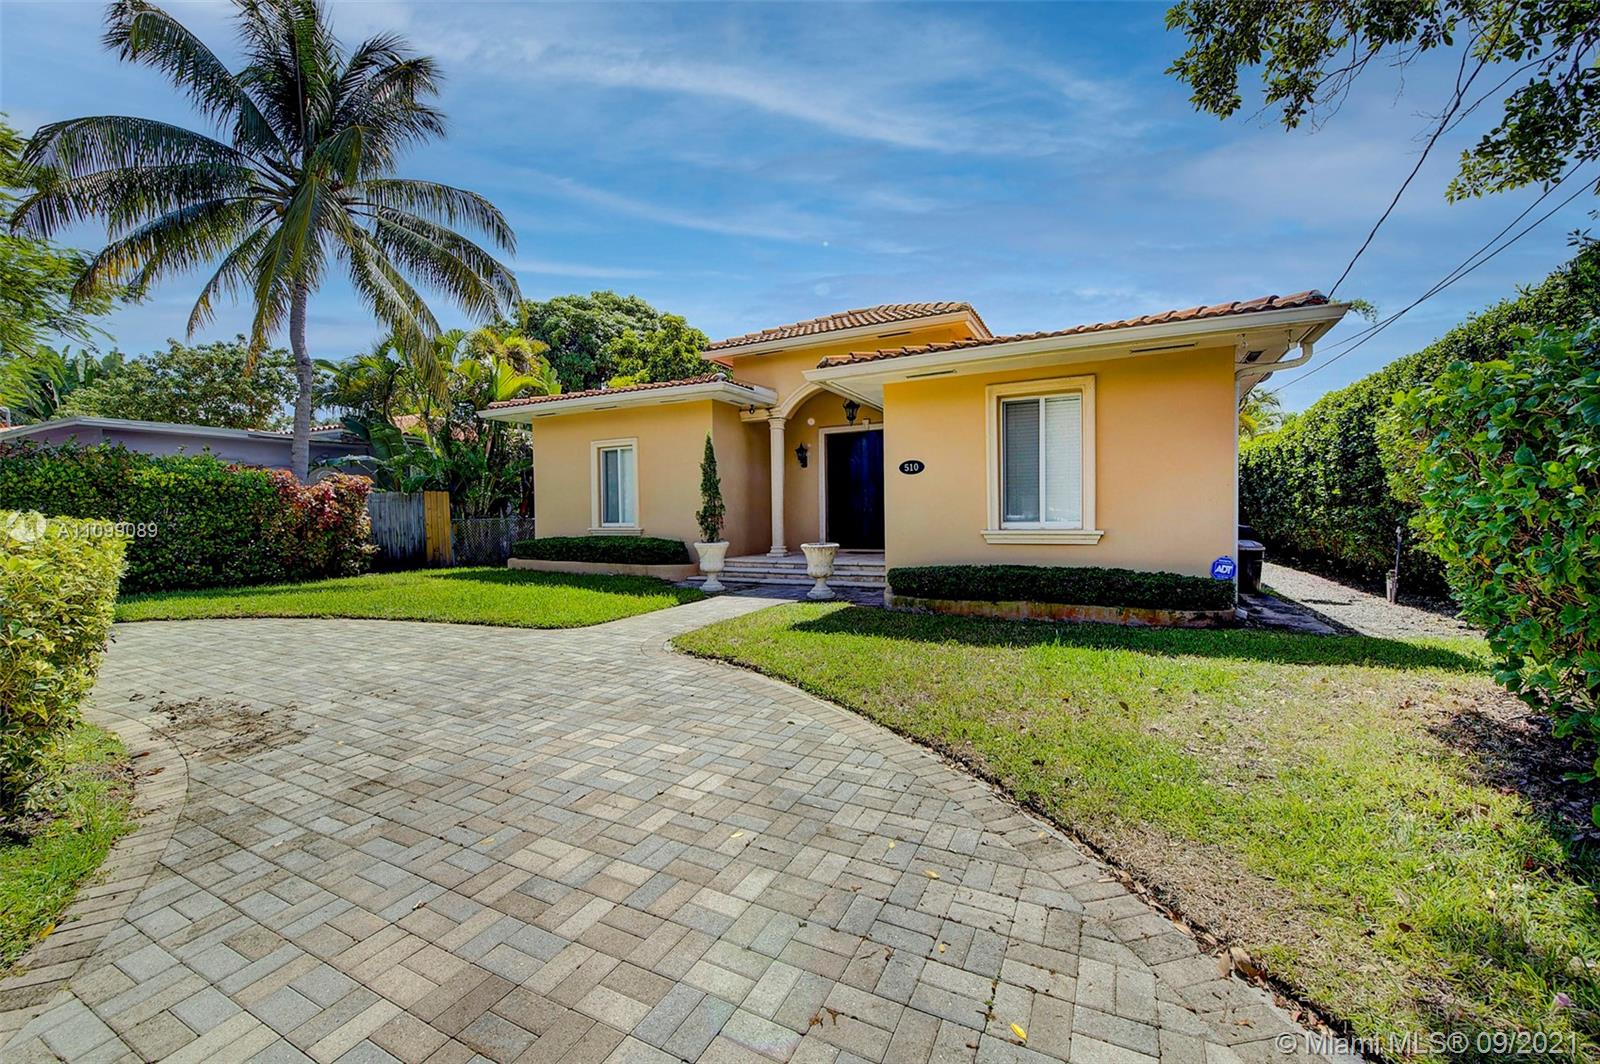 510 Shore Dr, Miami Beach, Florida 33141